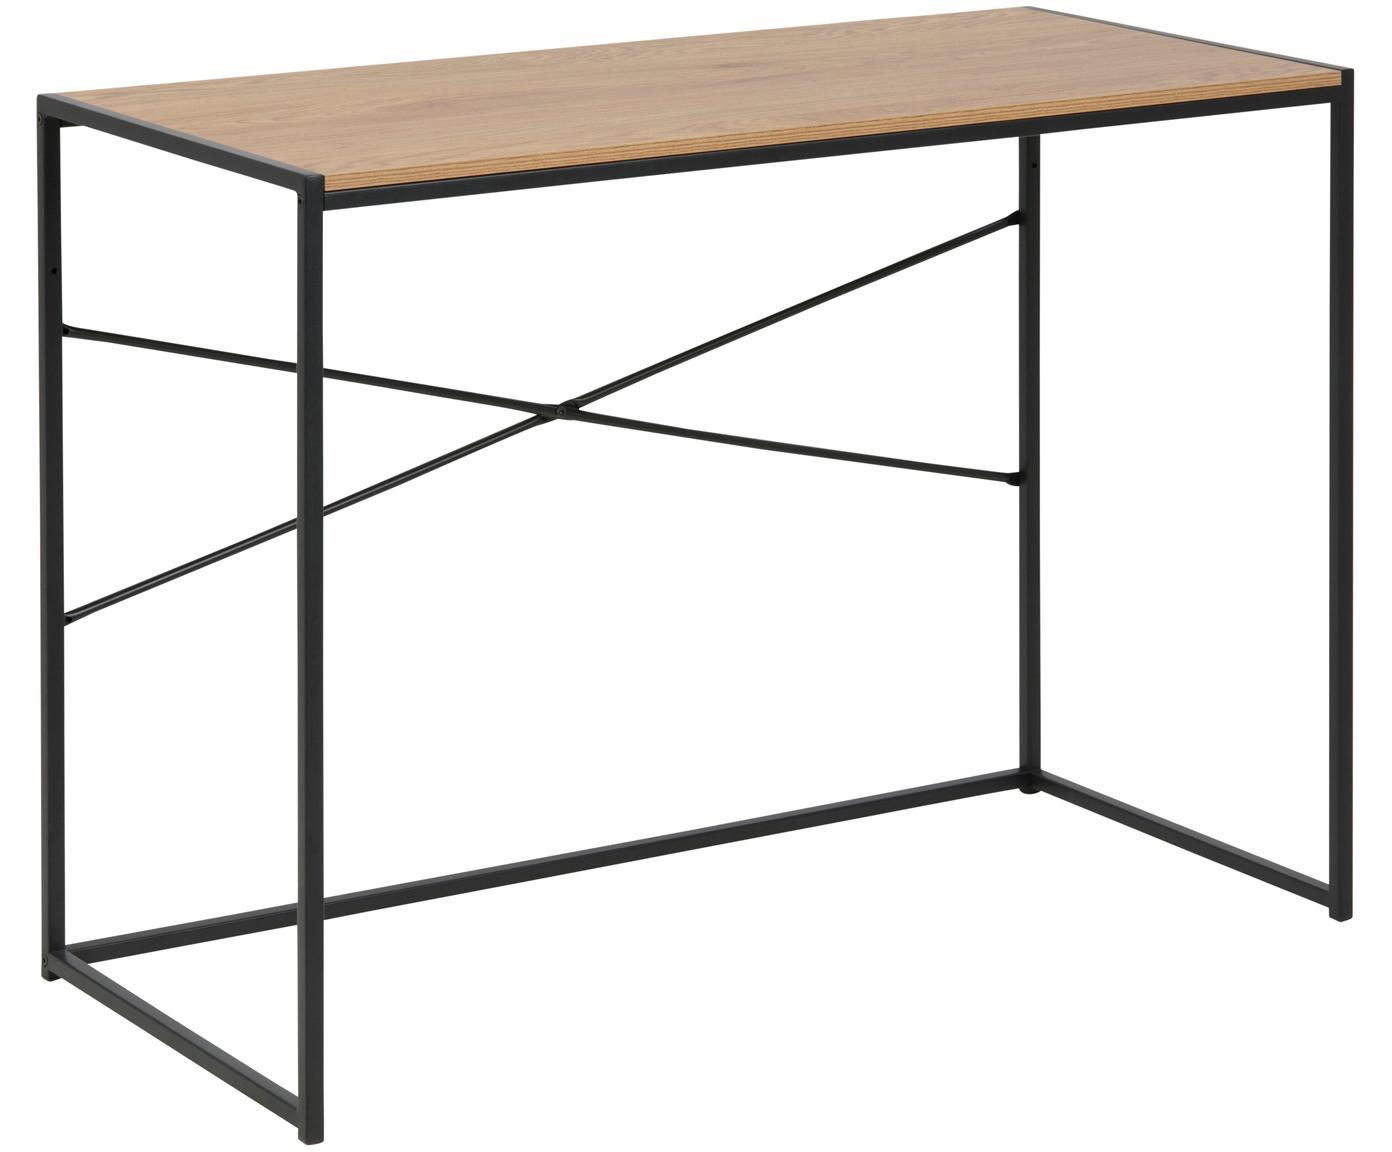 Escritorio Seaford, estilo industrial, Tablero: fibras de densidad media,, Estructura: metal con pintura en polv, Roble, negro, An 100 x F 45 cm